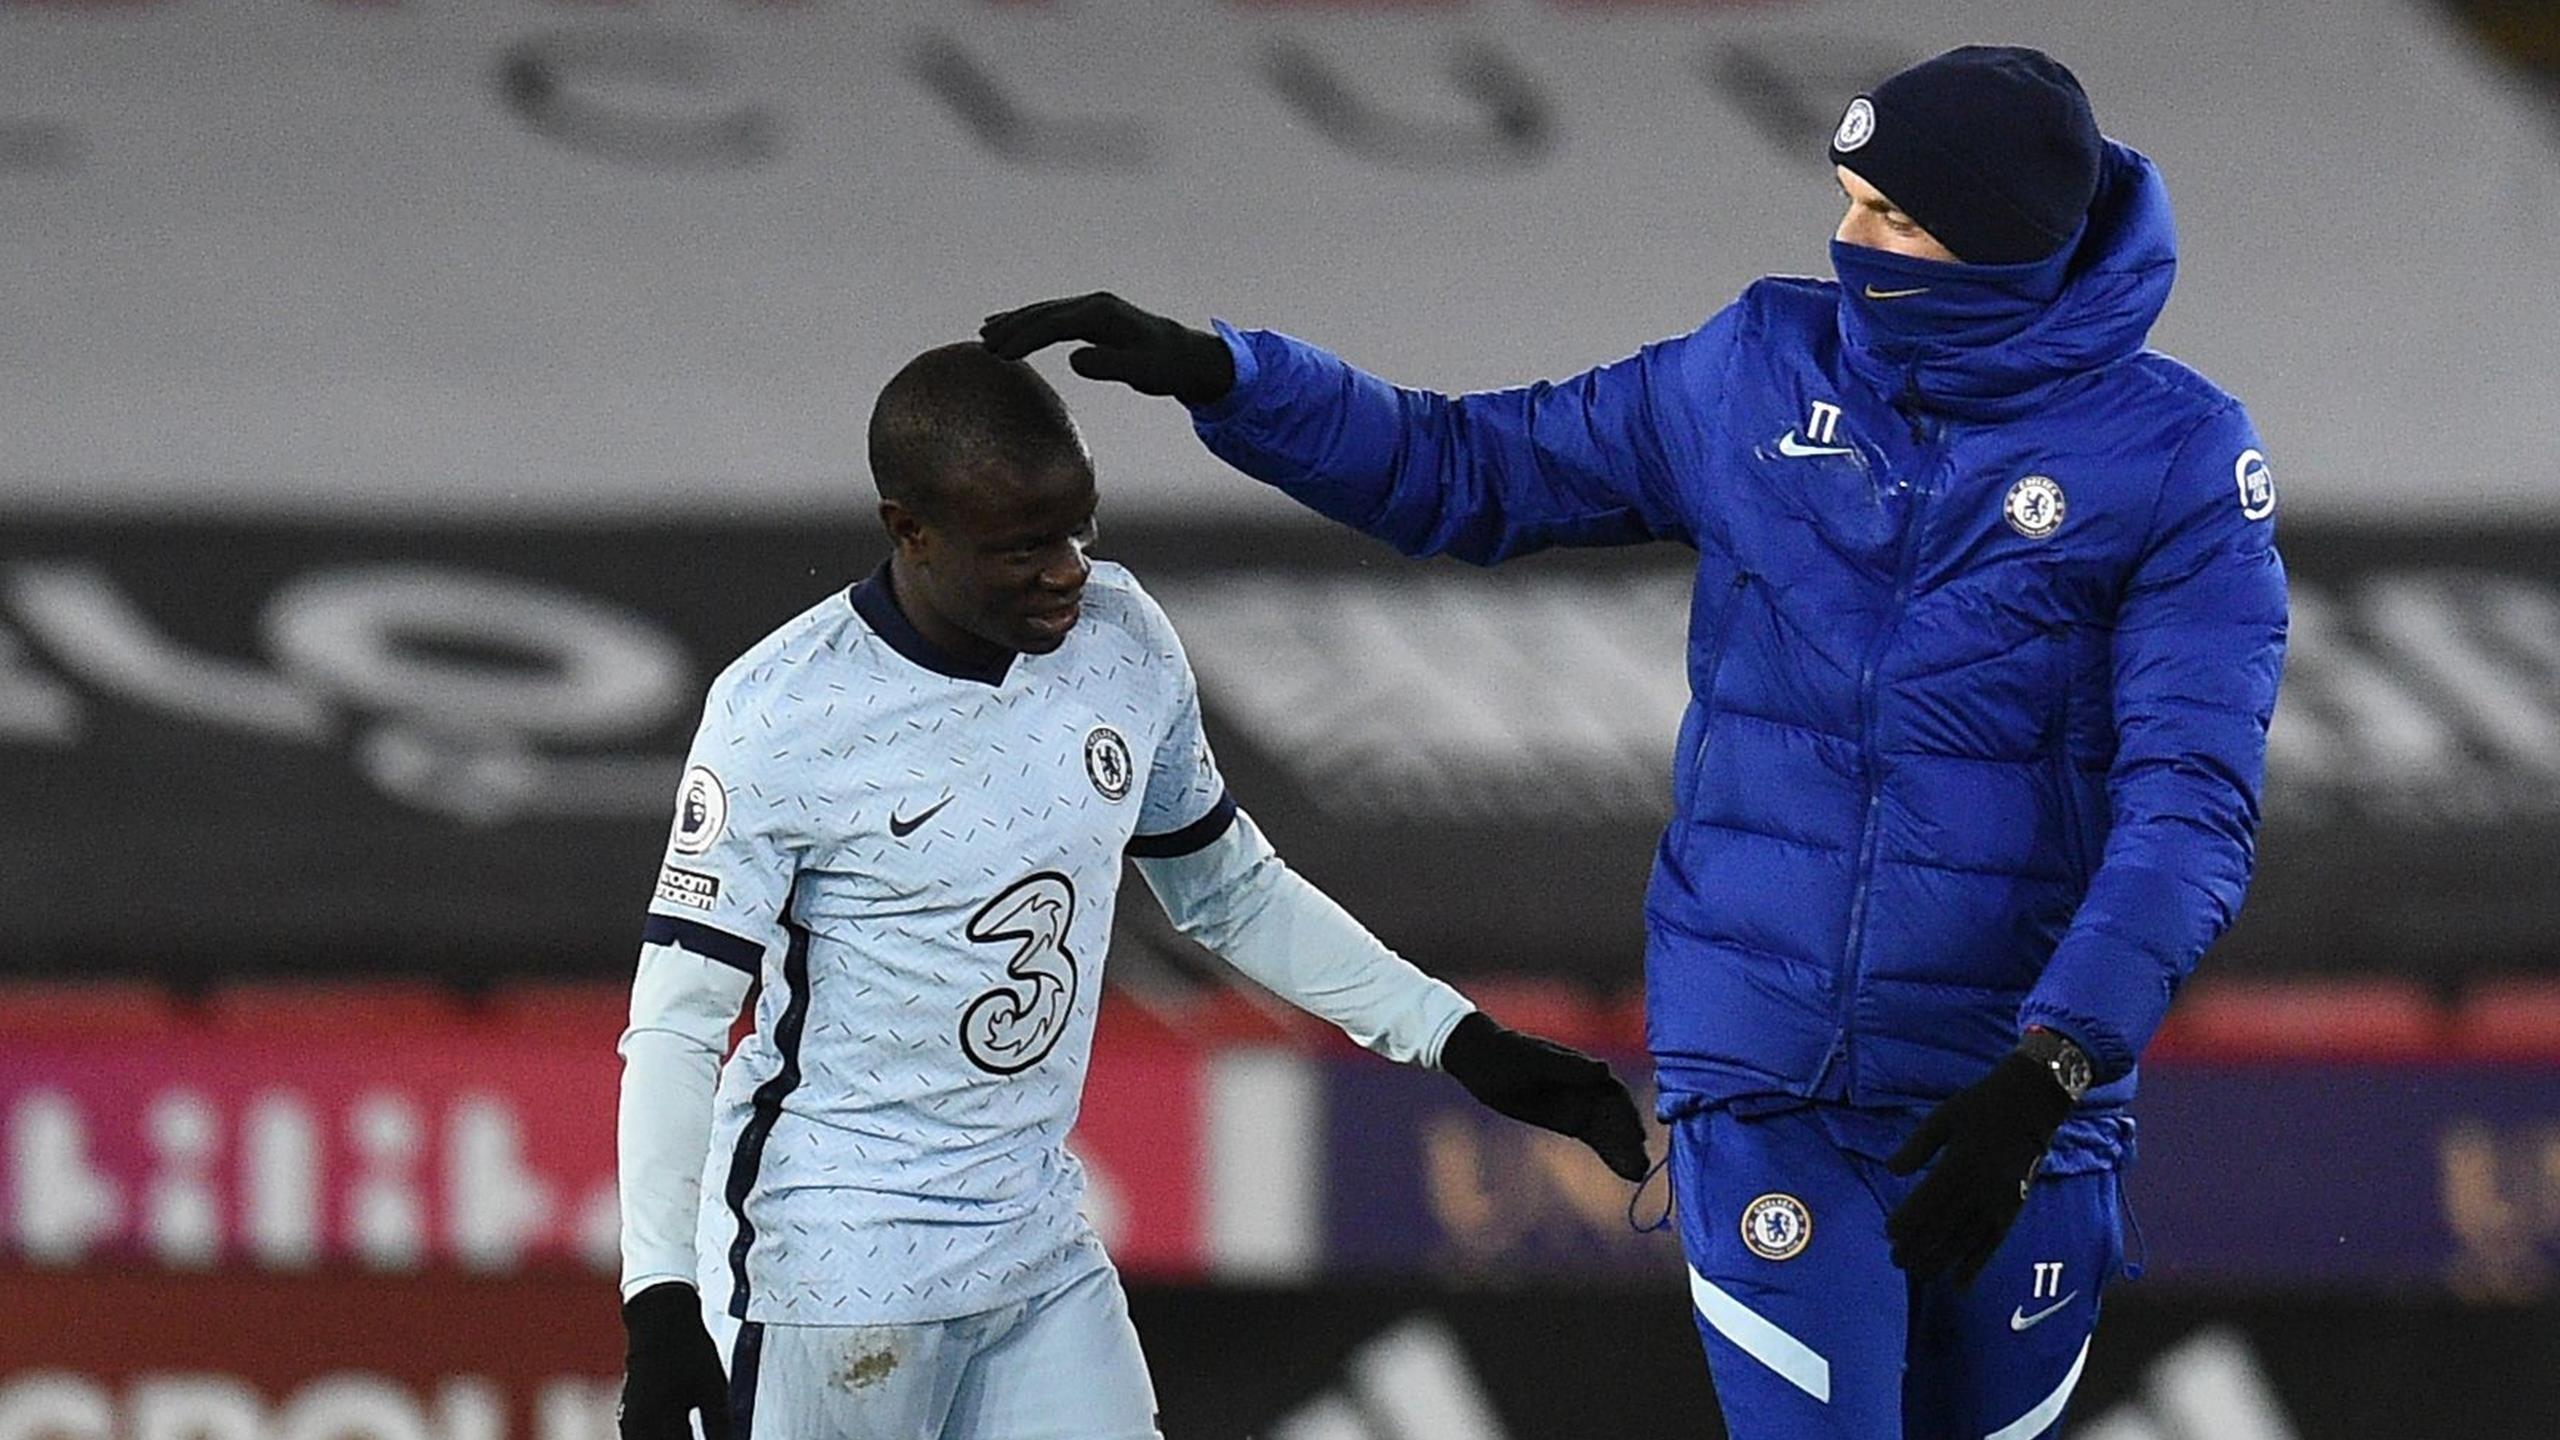 """Kante: """"Quỷ lùn"""" ông chủ tuyến giữa Chelsea, xứng đáng Quả bóng vàng? - 19"""